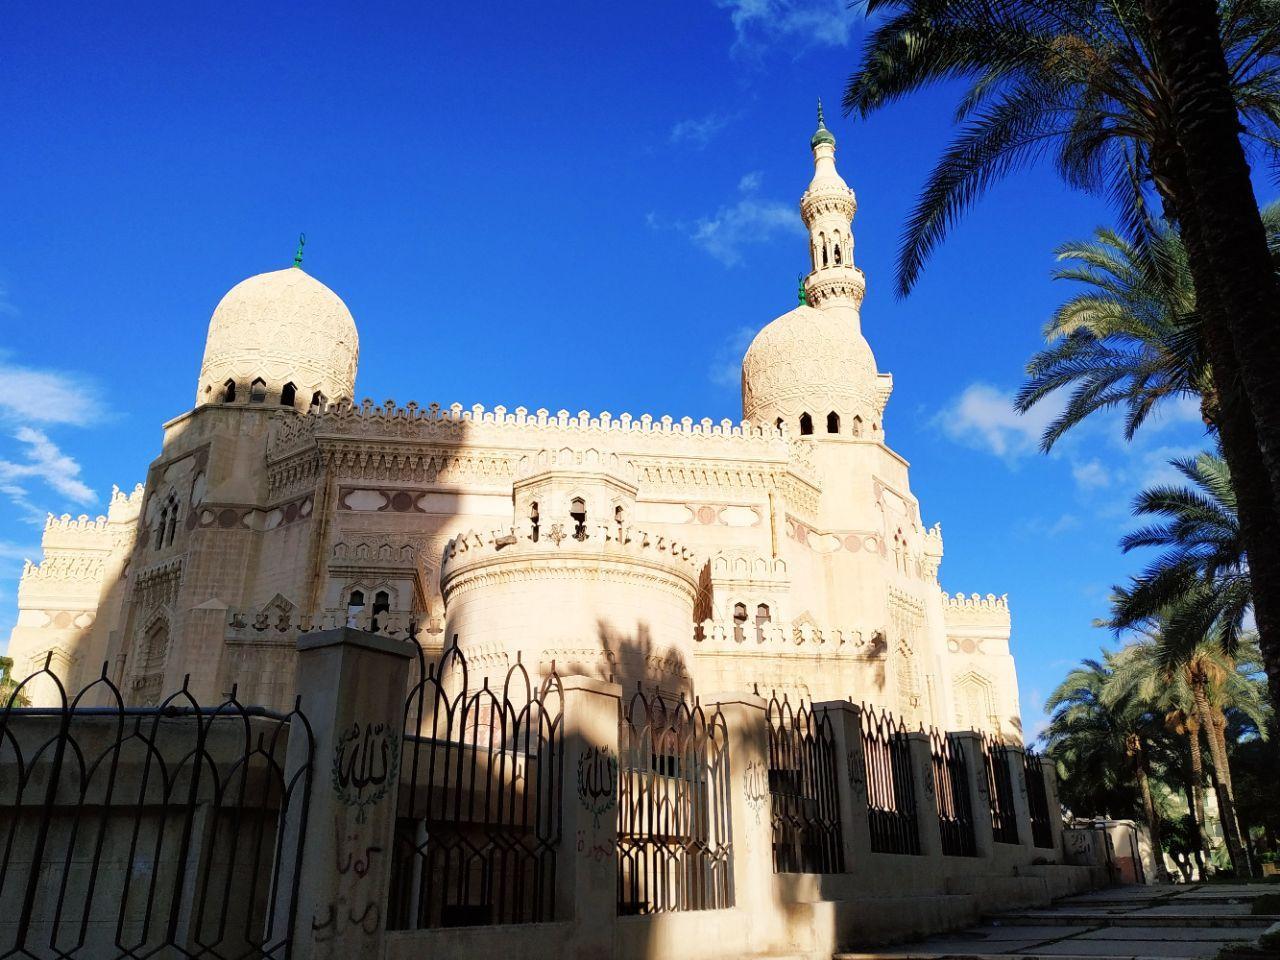 游览 非洲 埃及 亚历山大 摩西·阿布·阿巴斯清真寺